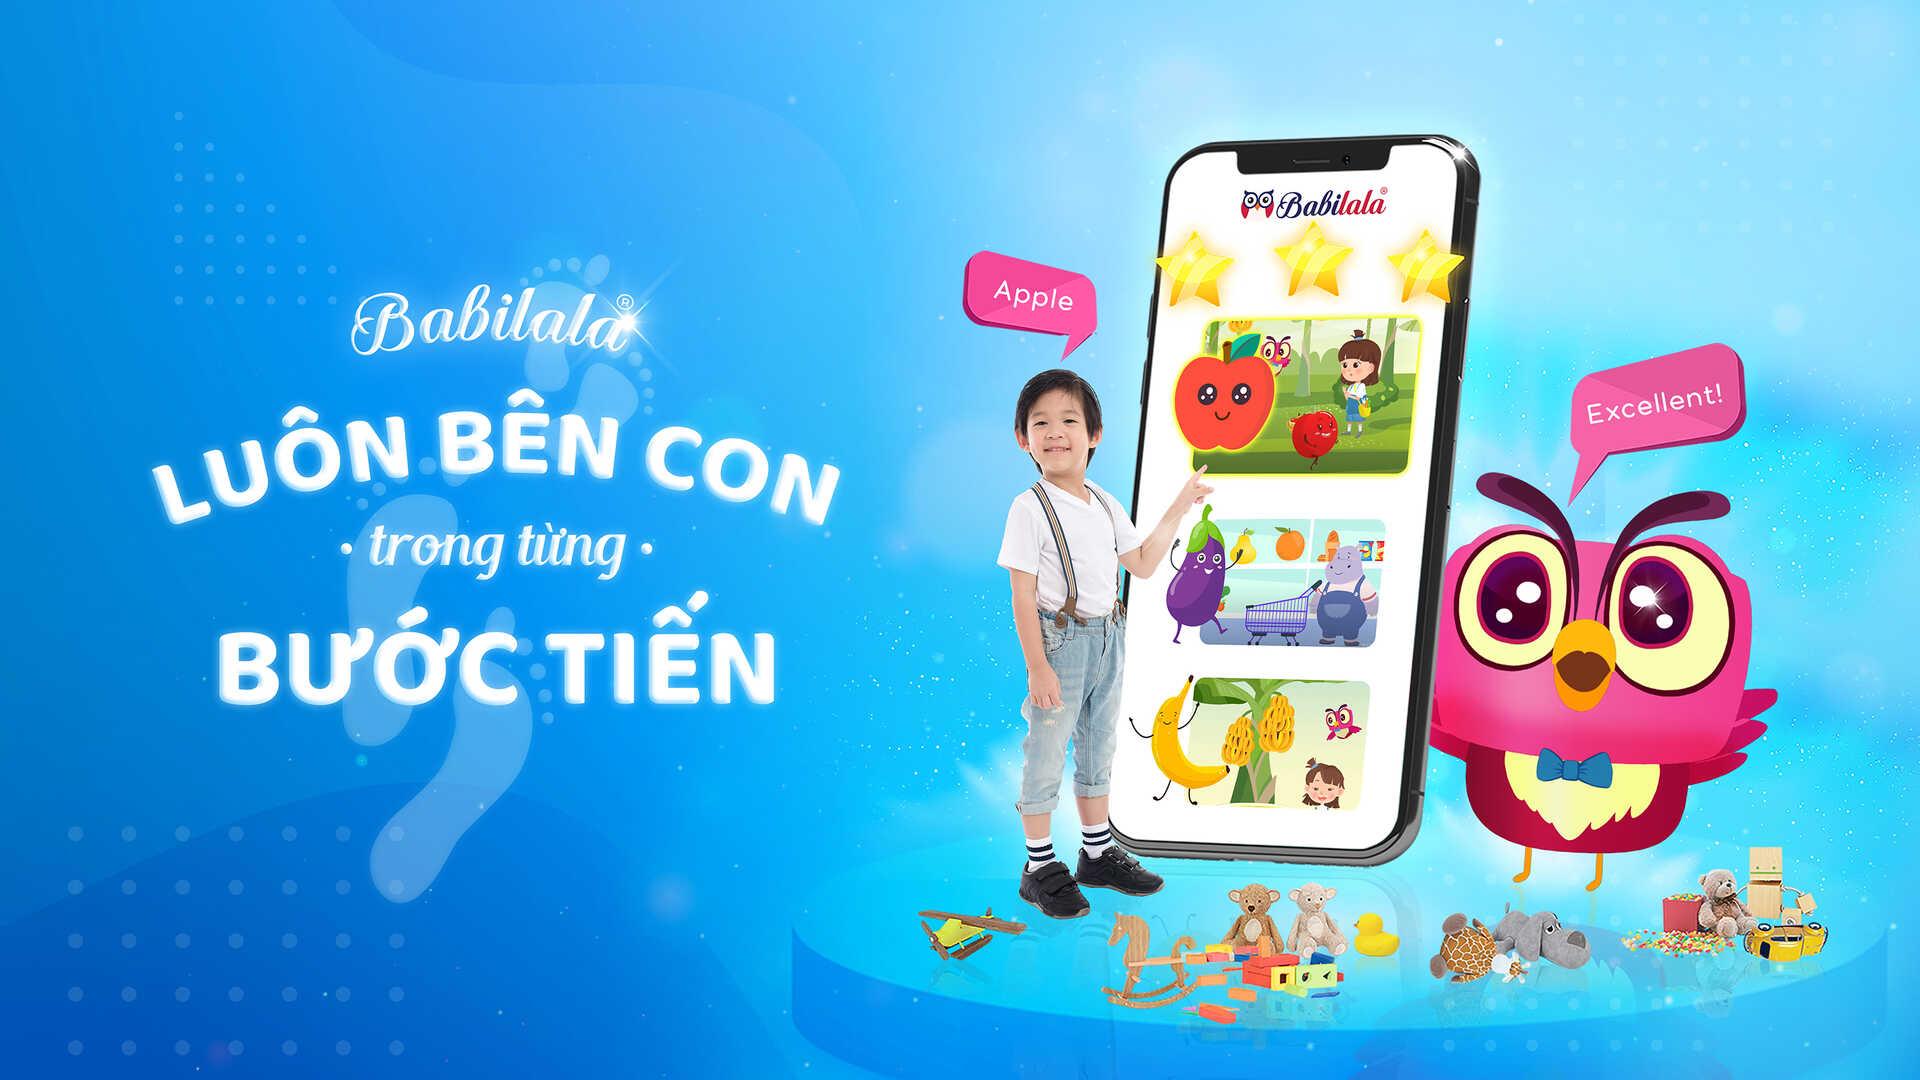 Babilala - Chương trình tiếng Anh chuẩn châu  u cho trẻ từ 3-8 tuổi.